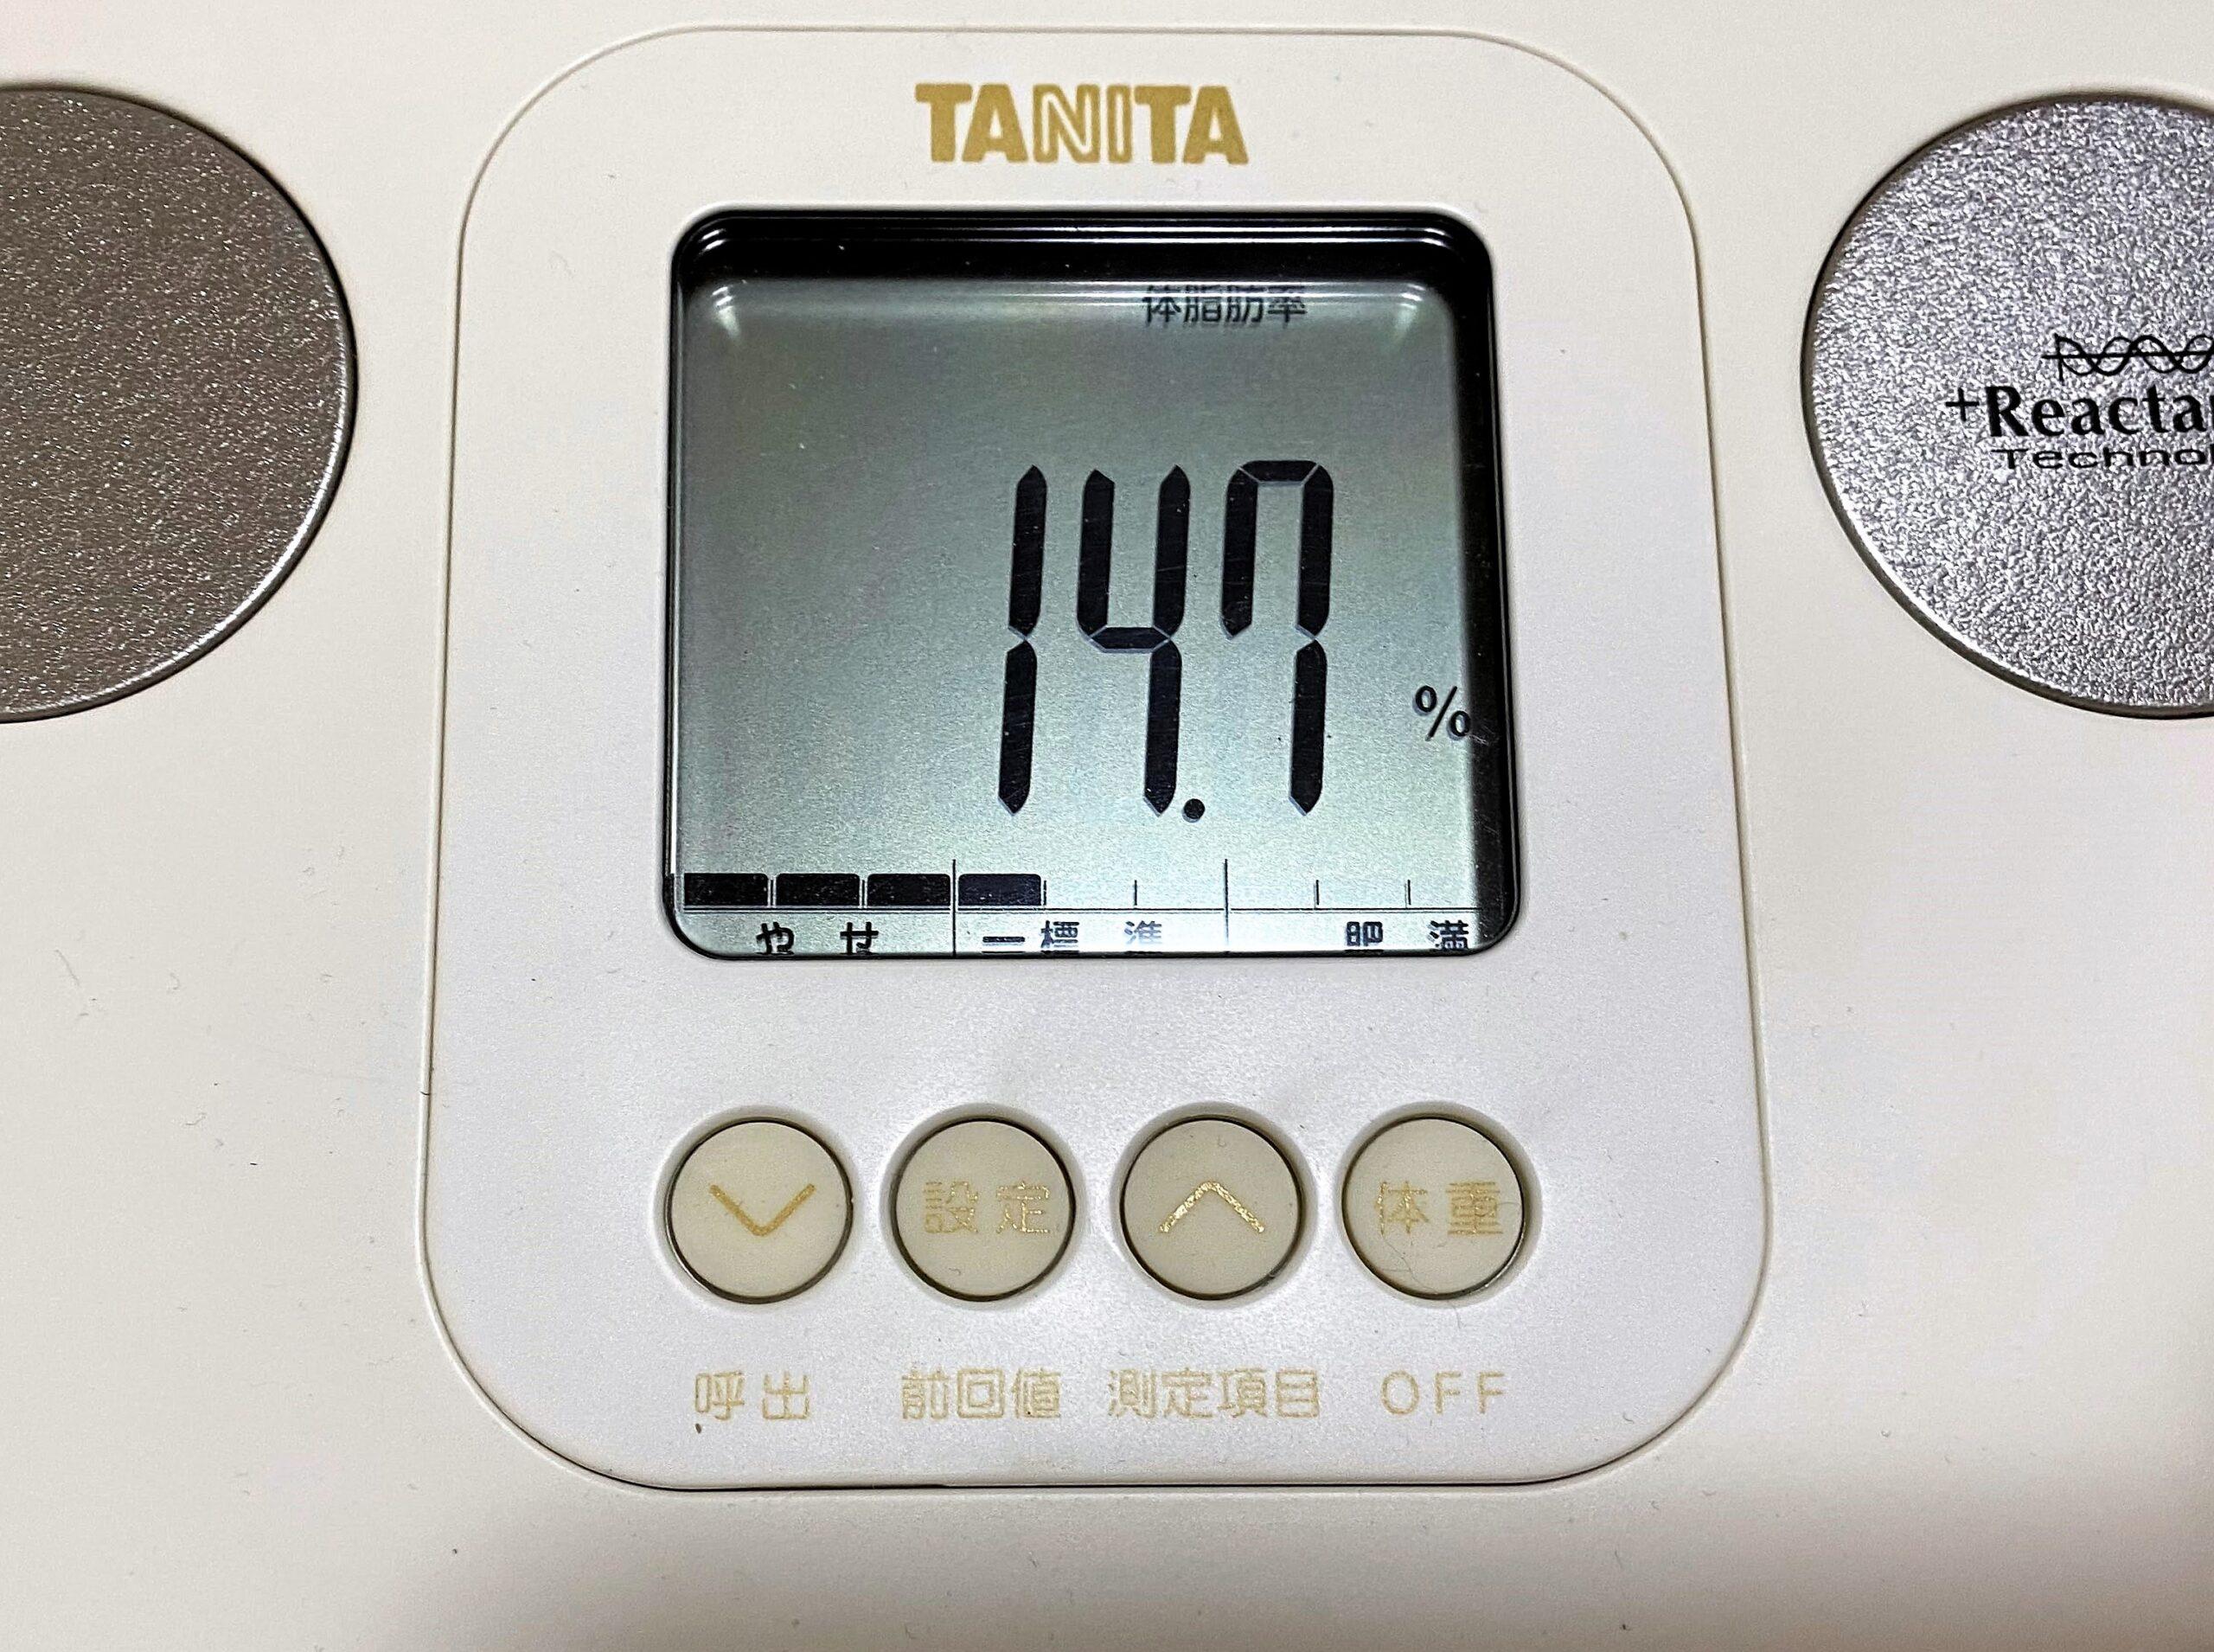 断食 16 デメリット 時間 【16時間断食のデメリット】太る!筋肉が落ちる!リバウンドする!メリットも解説